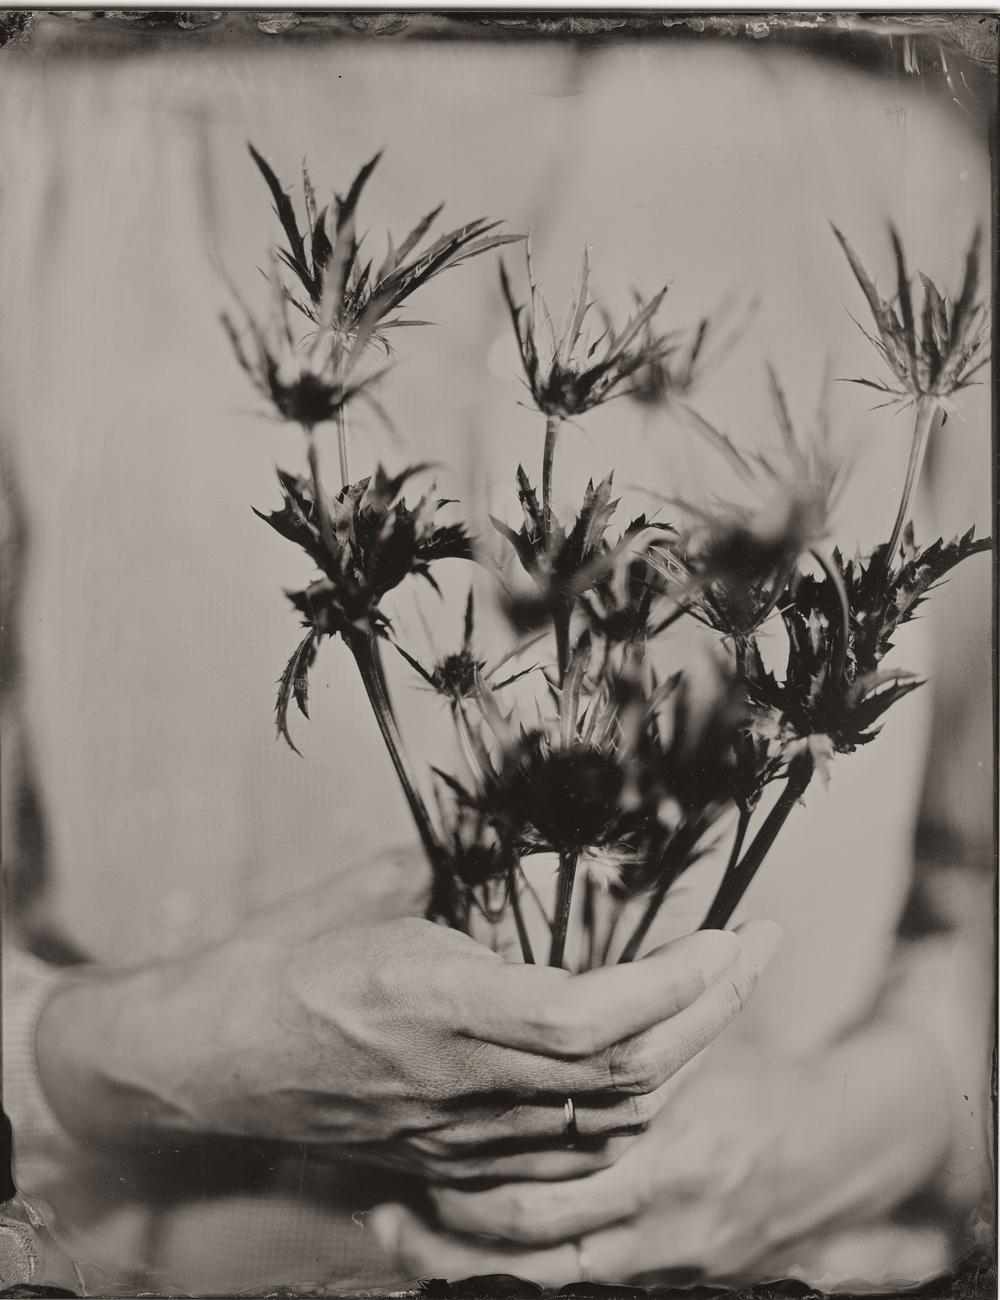 flower2-4.jpg